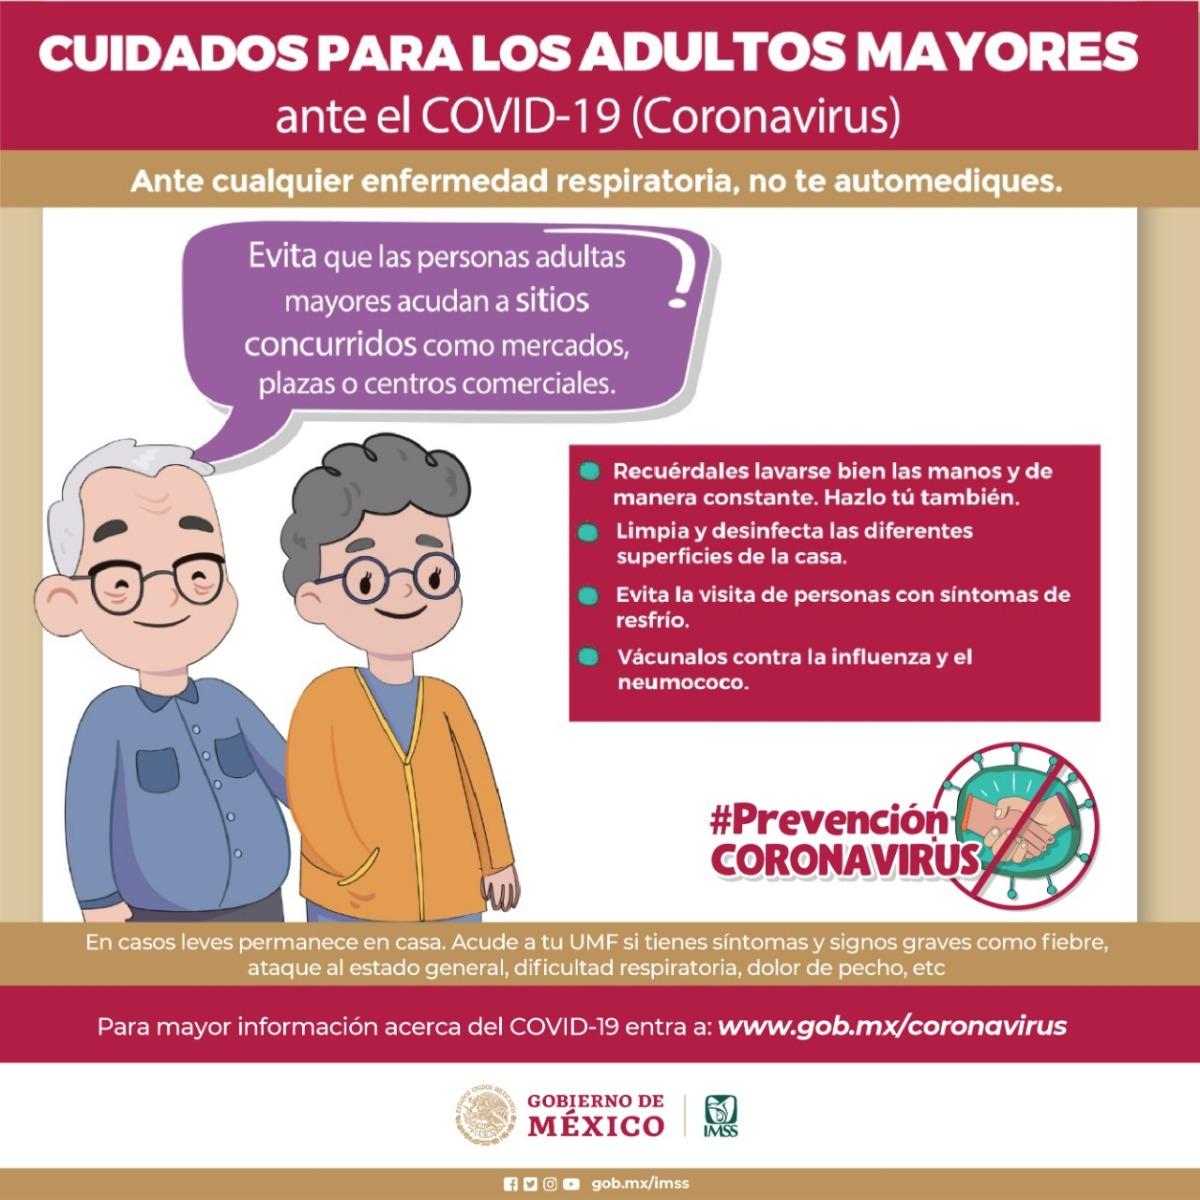 Pide IMSS extremar precauciones en el cuidado de adultos mayores, a fin de limitar el contagio deCOVID-19